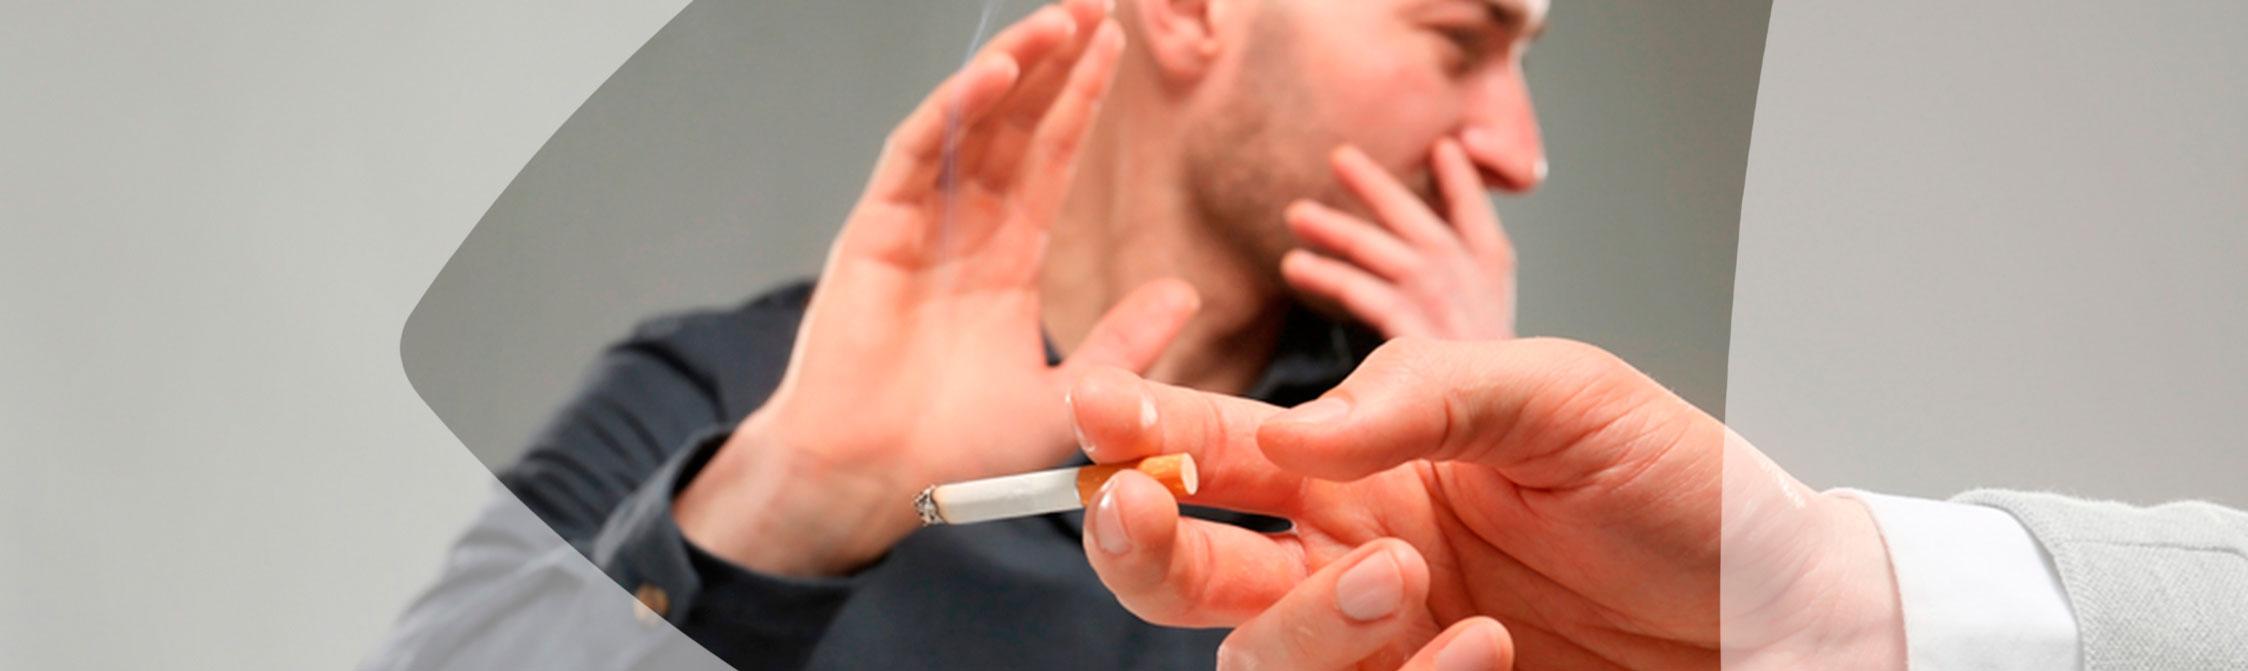 Παθητικός Καπνιστής